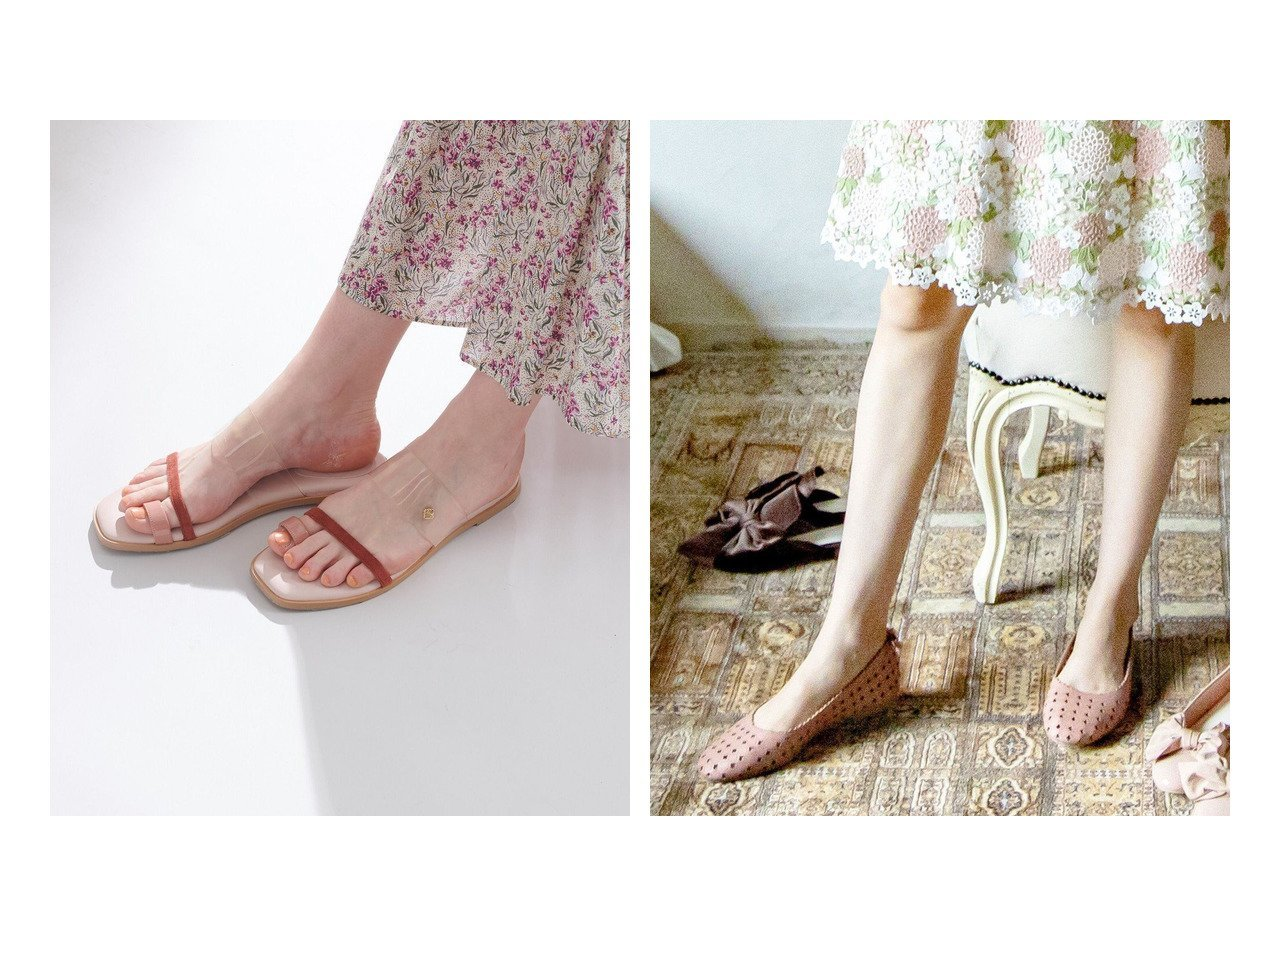 【TOCCA/トッカ】のSHEER SANDALS フラットサンダル&CANDY CLOVER FLATSHOES フラットシューズ 【シューズ・靴】おすすめ!人気トレンド・レディースファッション通販 おすすめで人気の流行・トレンド、ファッションの通販商品 インテリア・家具・メンズファッション・キッズファッション・レディースファッション・服の通販 founy(ファニー) https://founy.com/ ファッション Fashion レディースファッション WOMEN 送料無料 Free Shipping 2021年 2021 2021春夏・S/S SS/Spring/Summer/2021 S/S・春夏 SS・Spring/Summer サンダル シューズ シンプル チャーム テクスチャー トレンド フラット ブロック ワンポイント 夏 Summer |ID:crp329100000046886